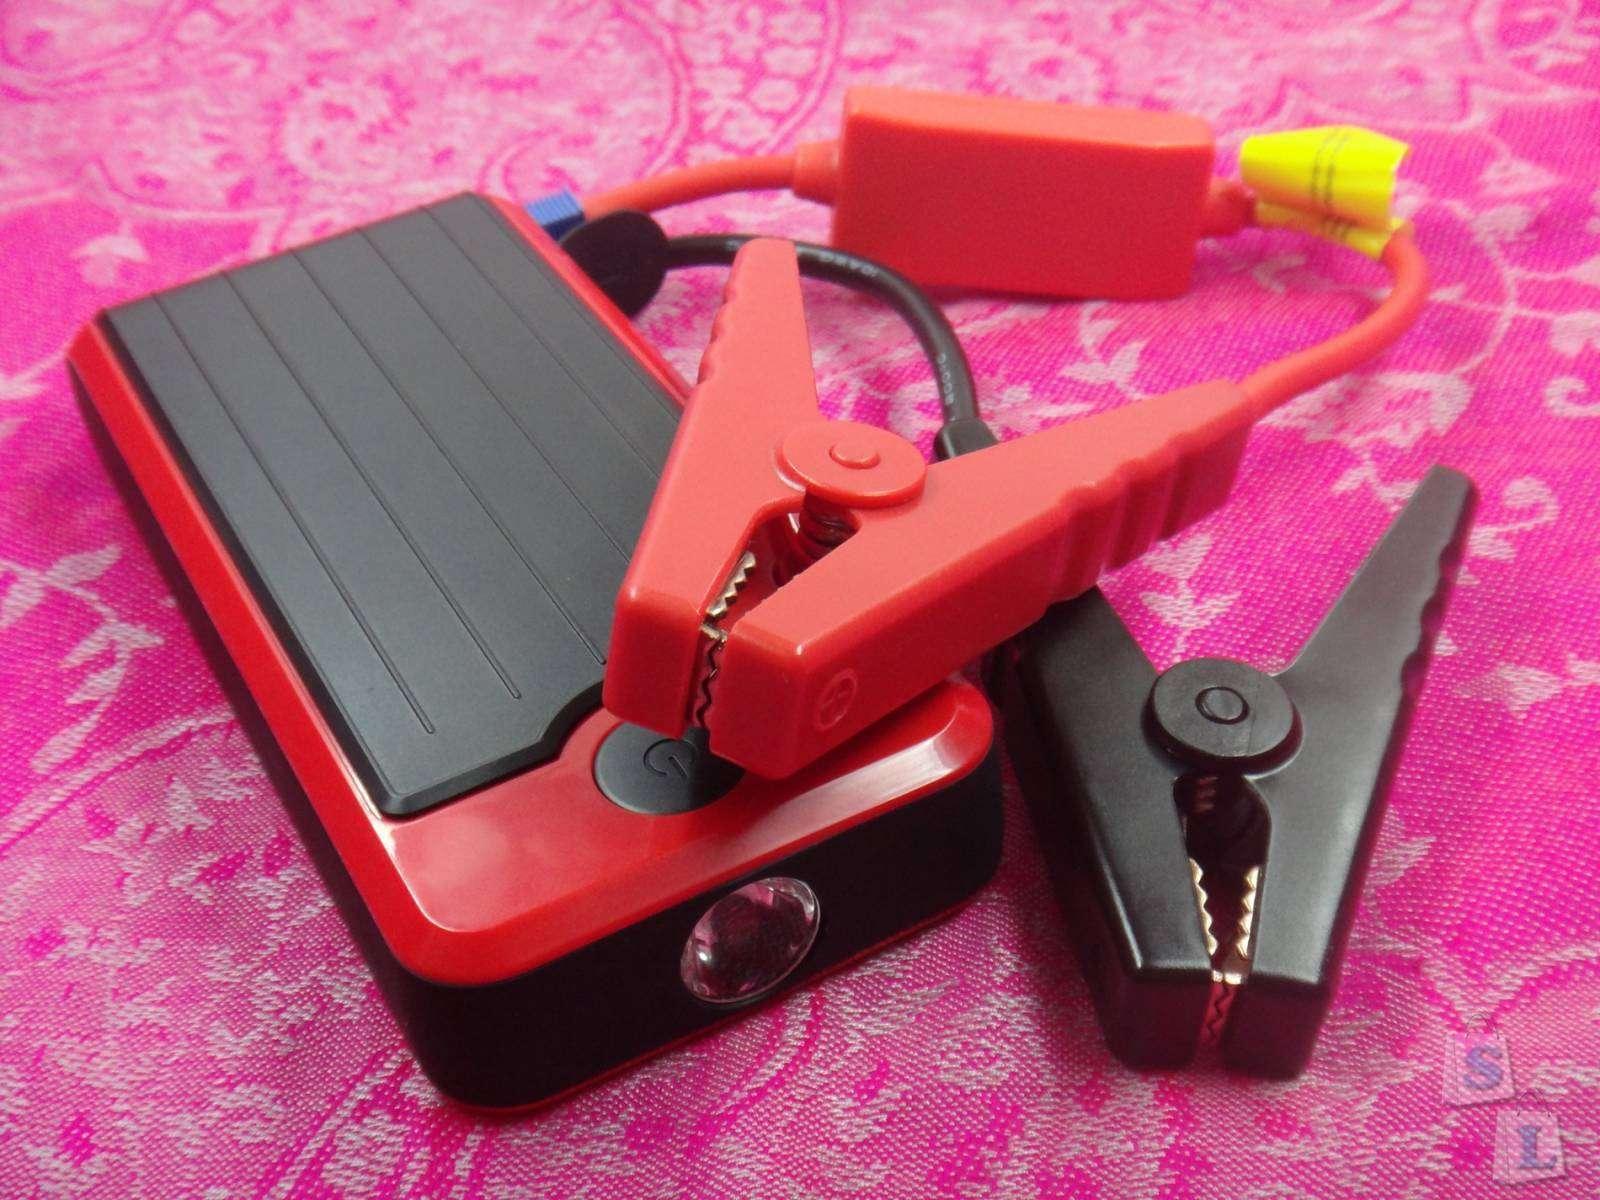 Обзор T6 Car Jump Starter 12000mAh Power Bank или повербанк для прикуривания-запуска автомобиля